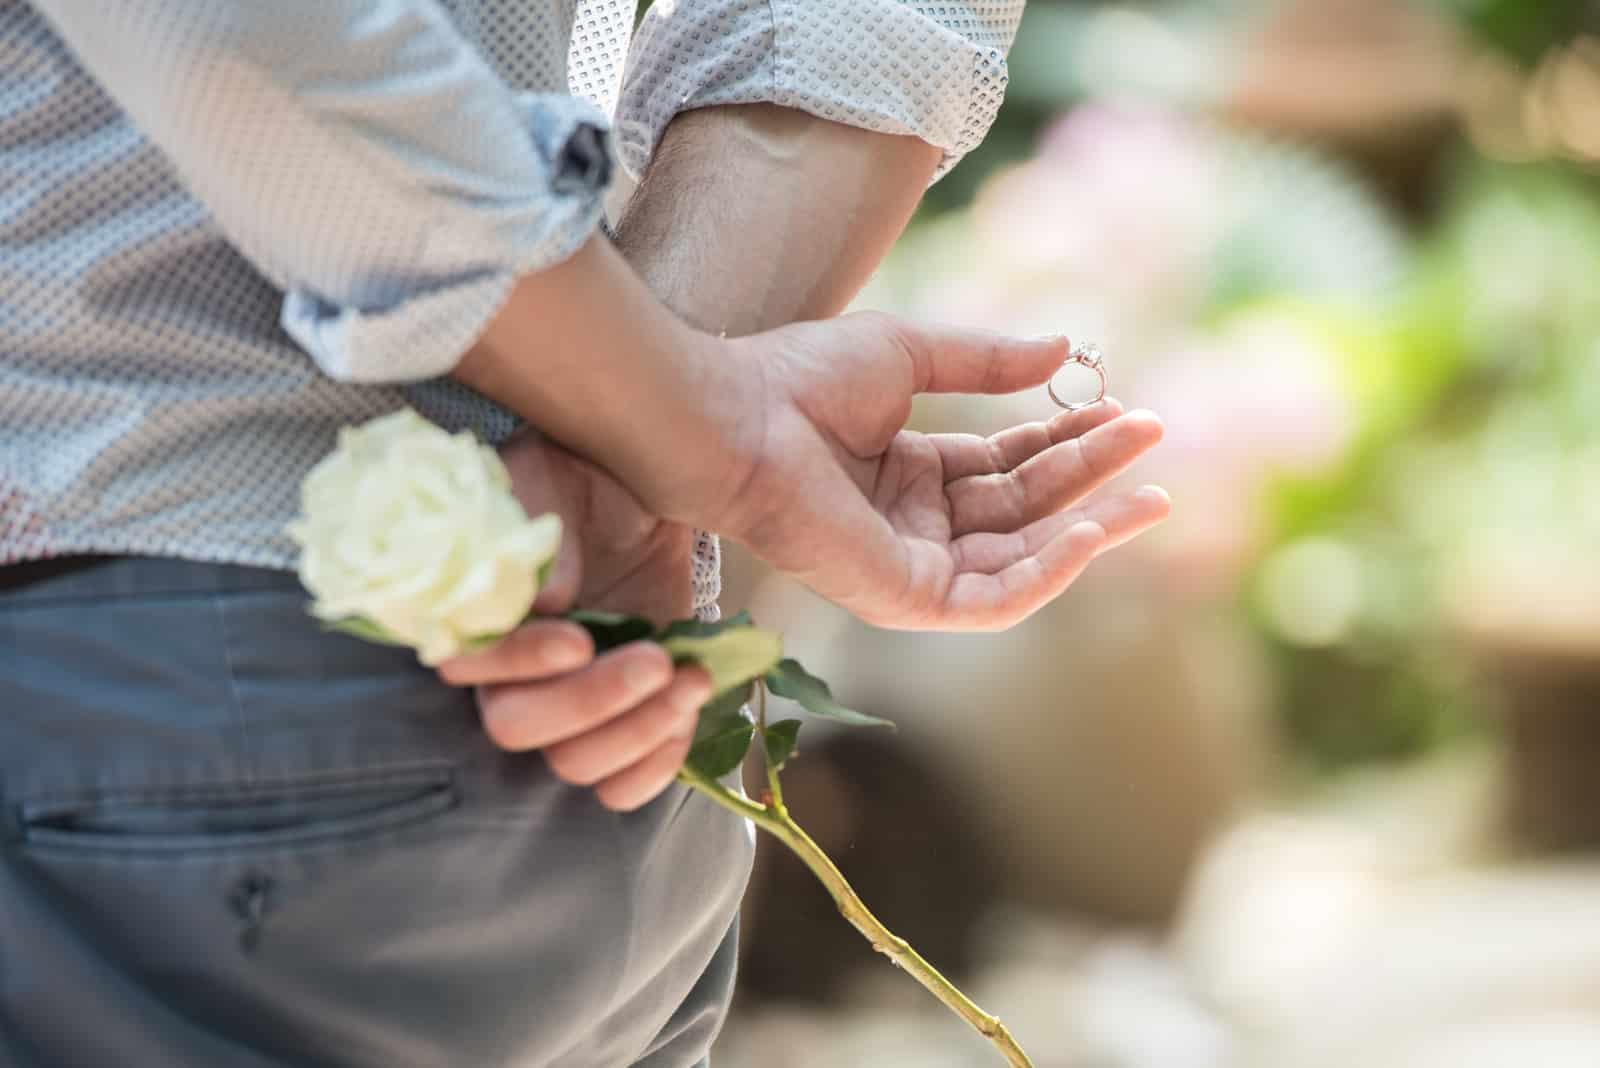 Männer verstecken den Ring und weiße Rose hinter sich überrascht